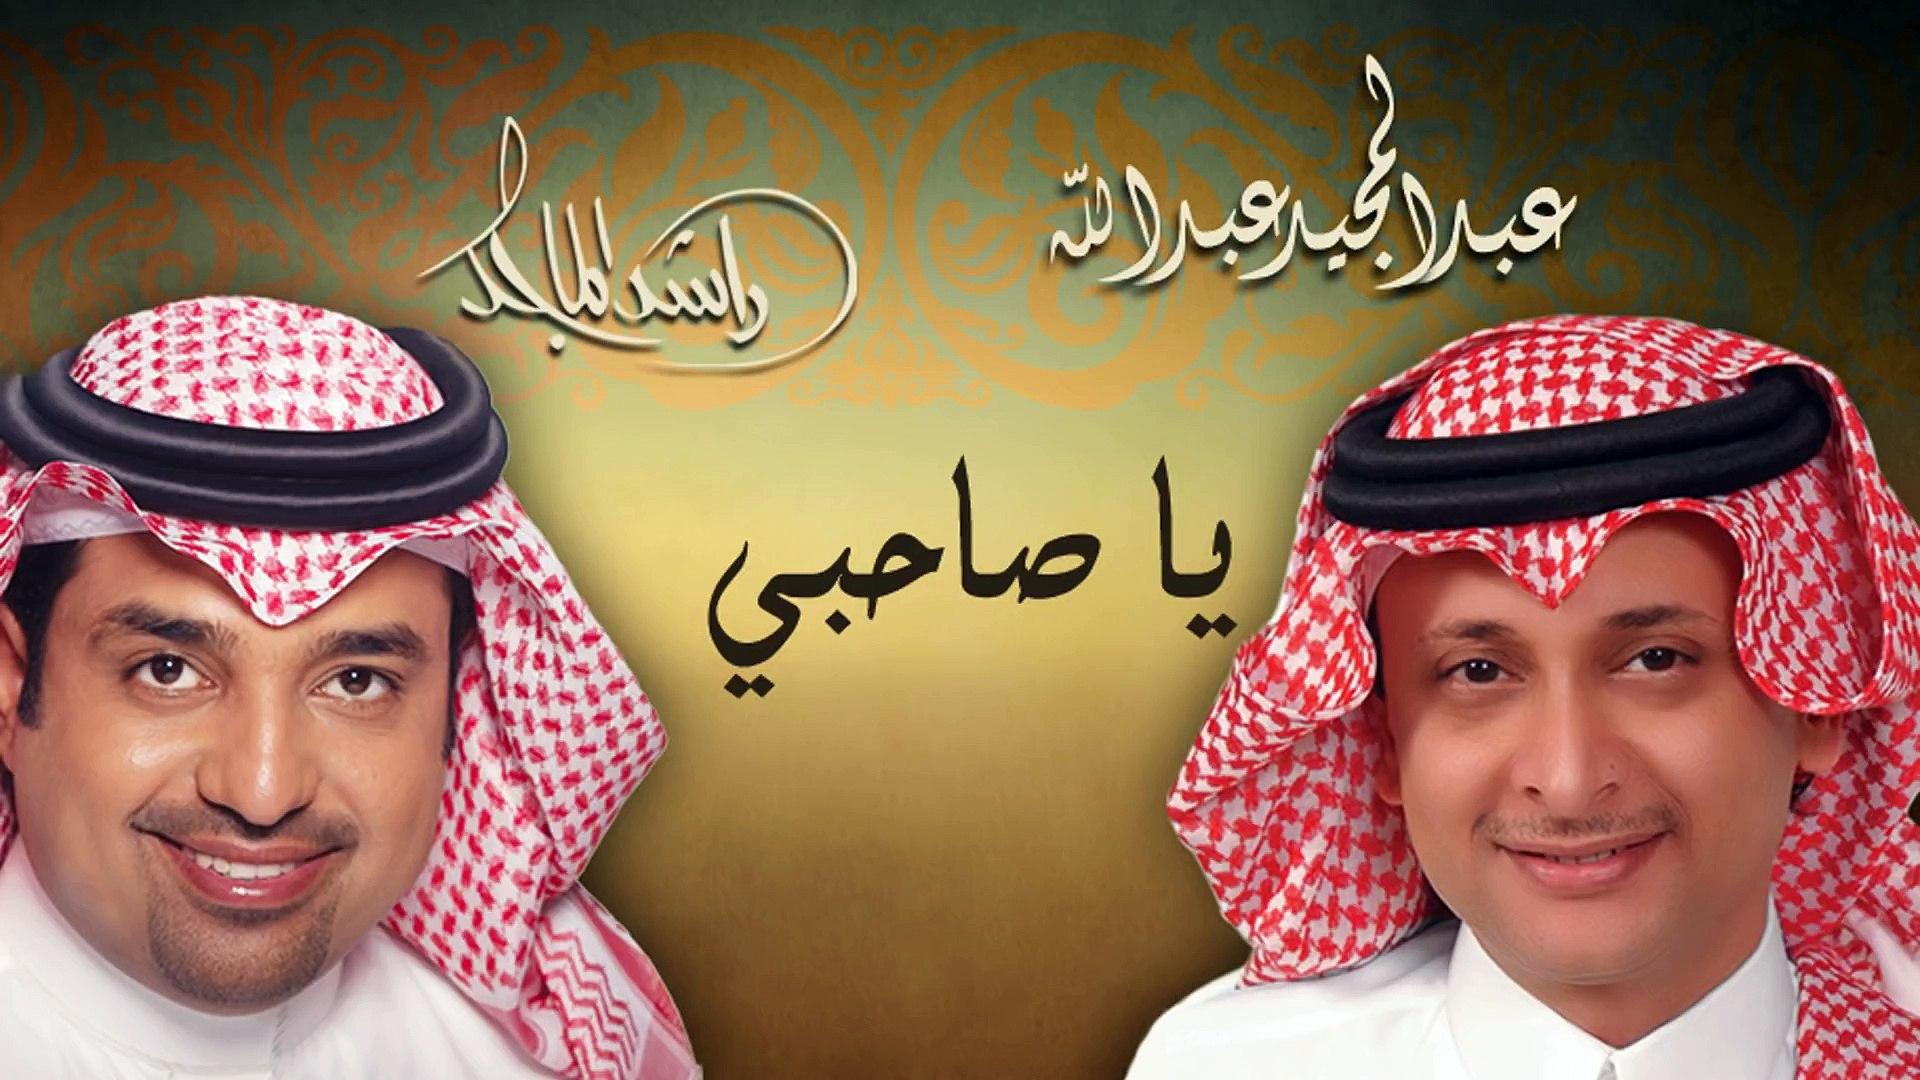 عبدالمجيد عبدالله و راشد الماجد - الحب الحقيقي (النسخة الاصلية) | 2004